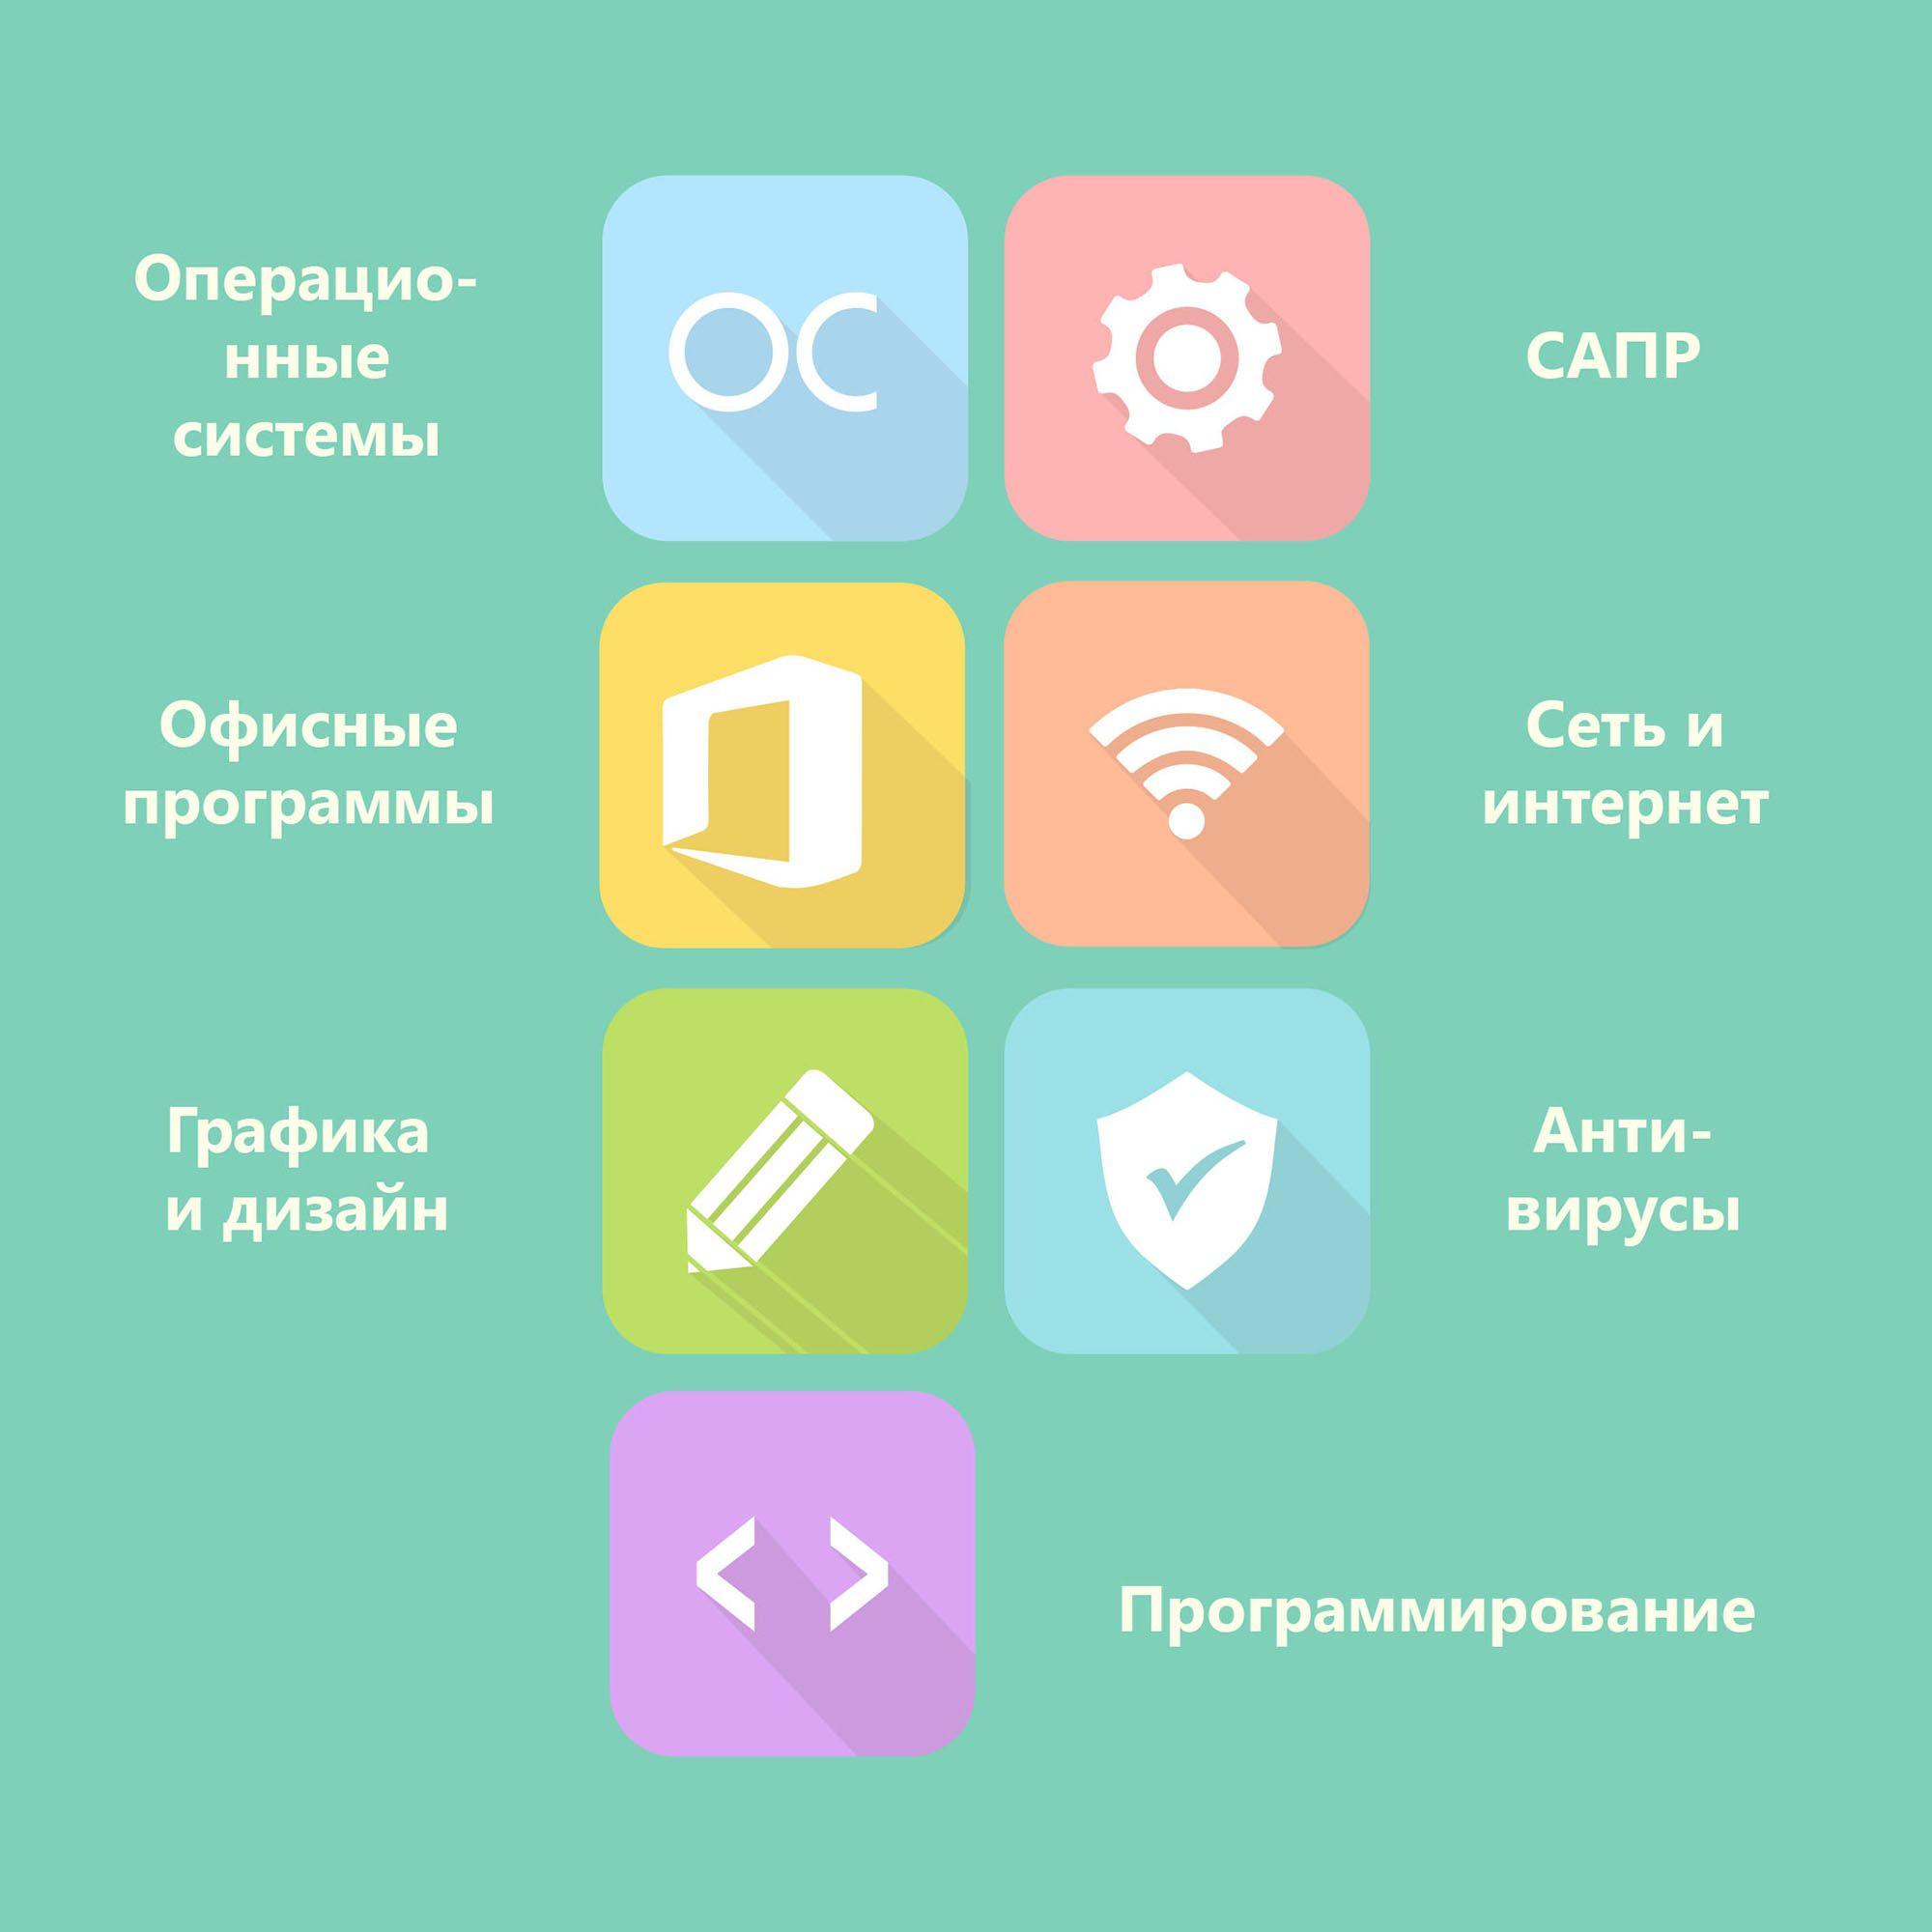 Иконка для STMP - дизайнер tschudik